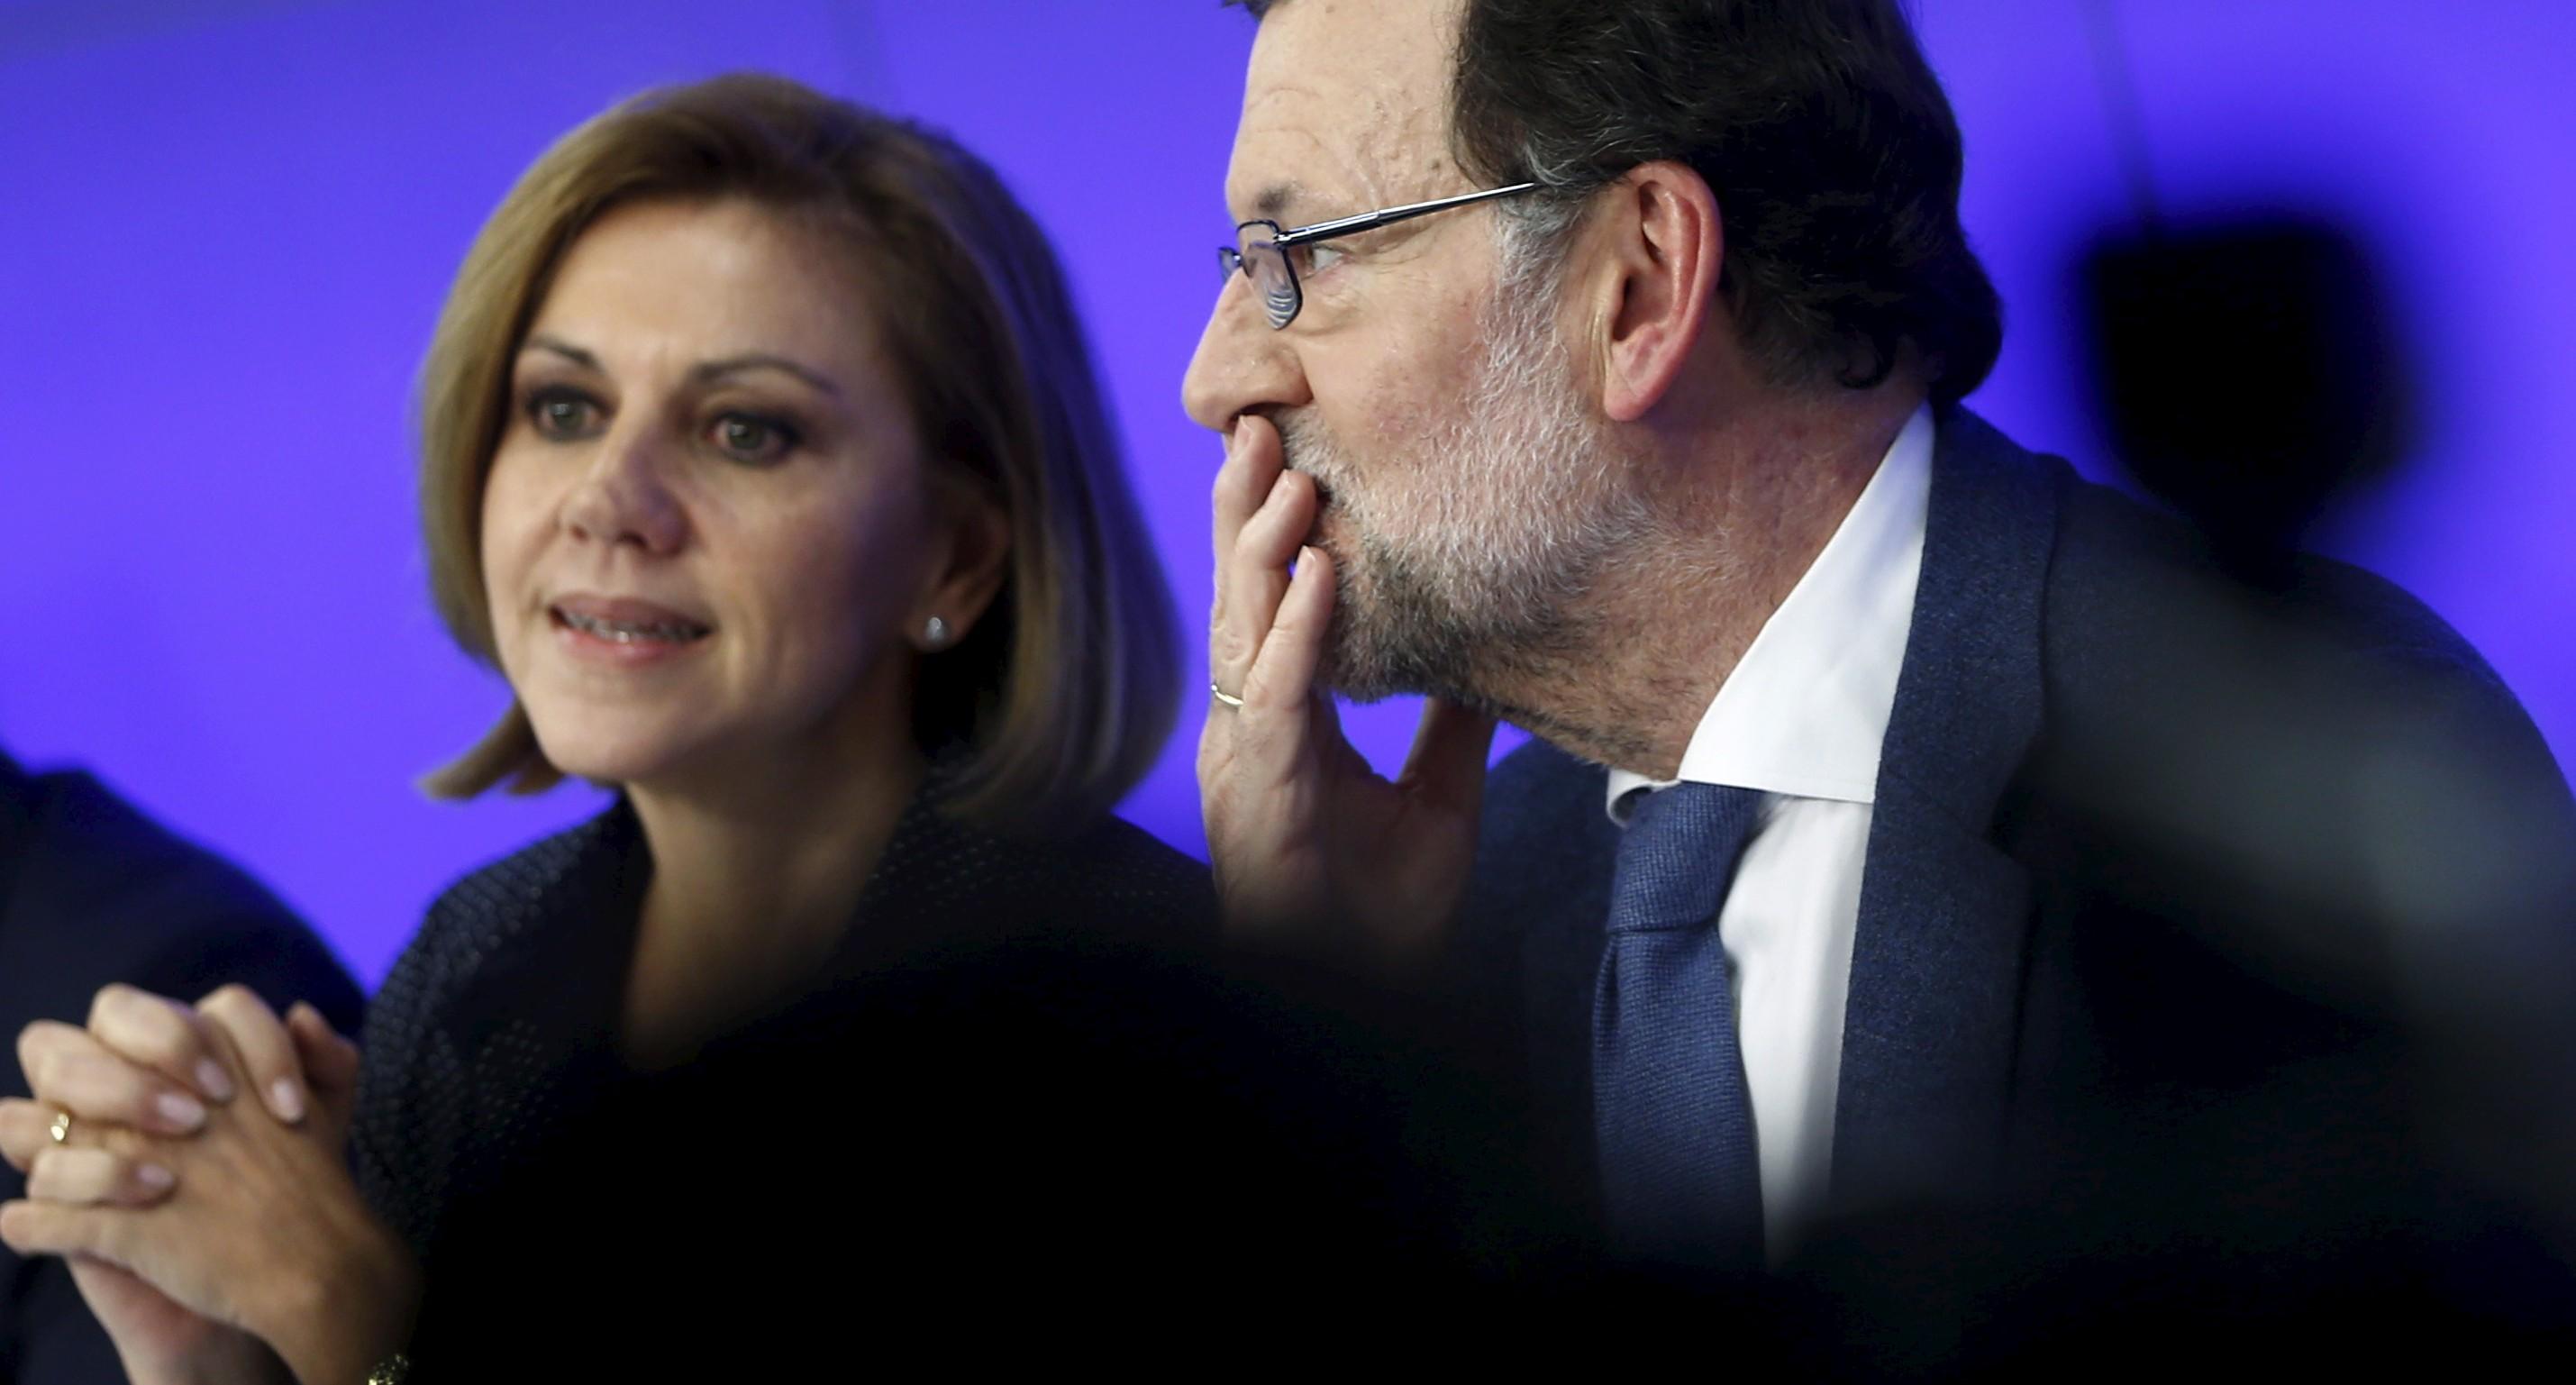 María Dolores de Cospedal y Mariano Rajoy.  Foto: Reuters